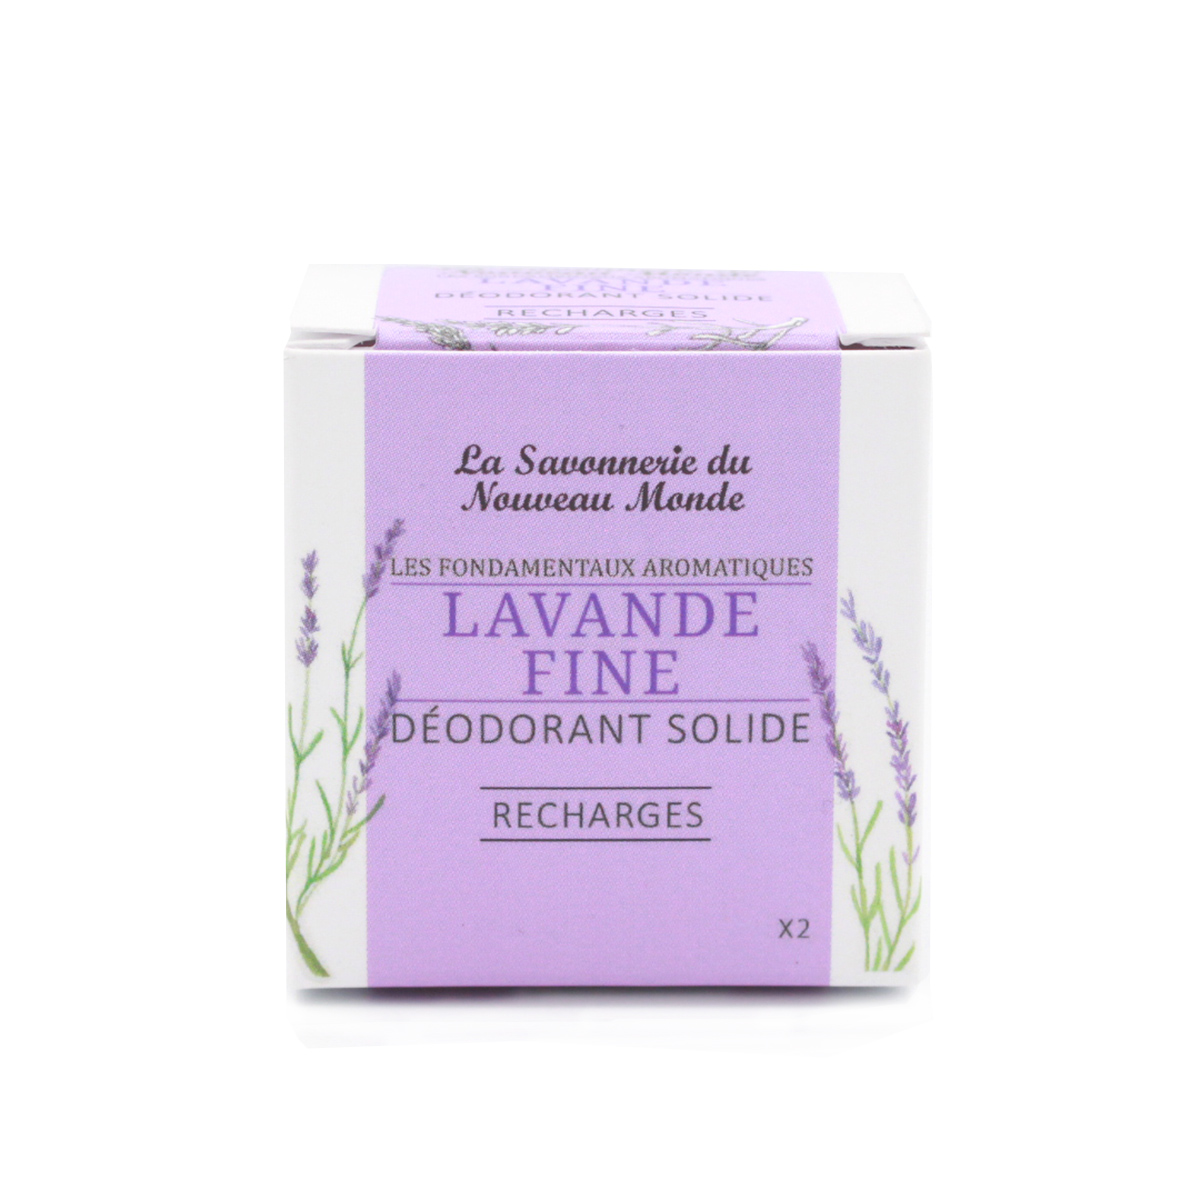 recharges déodorant lavande fine - La Savonnerie du Nouveau Monde